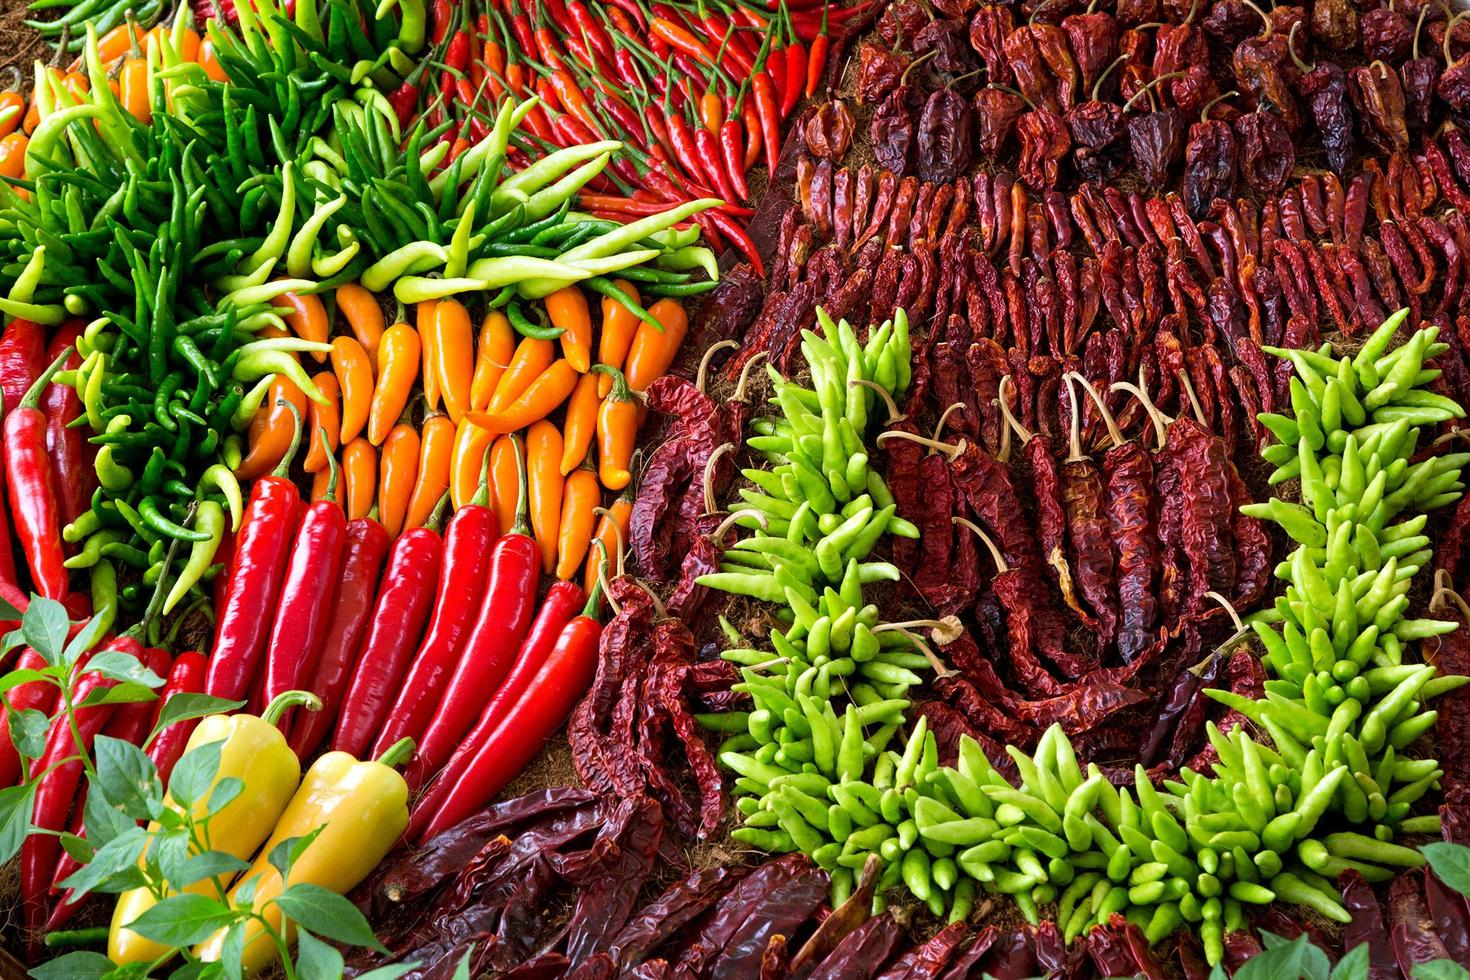 patrones de colores de pimientos para cocinar. foto